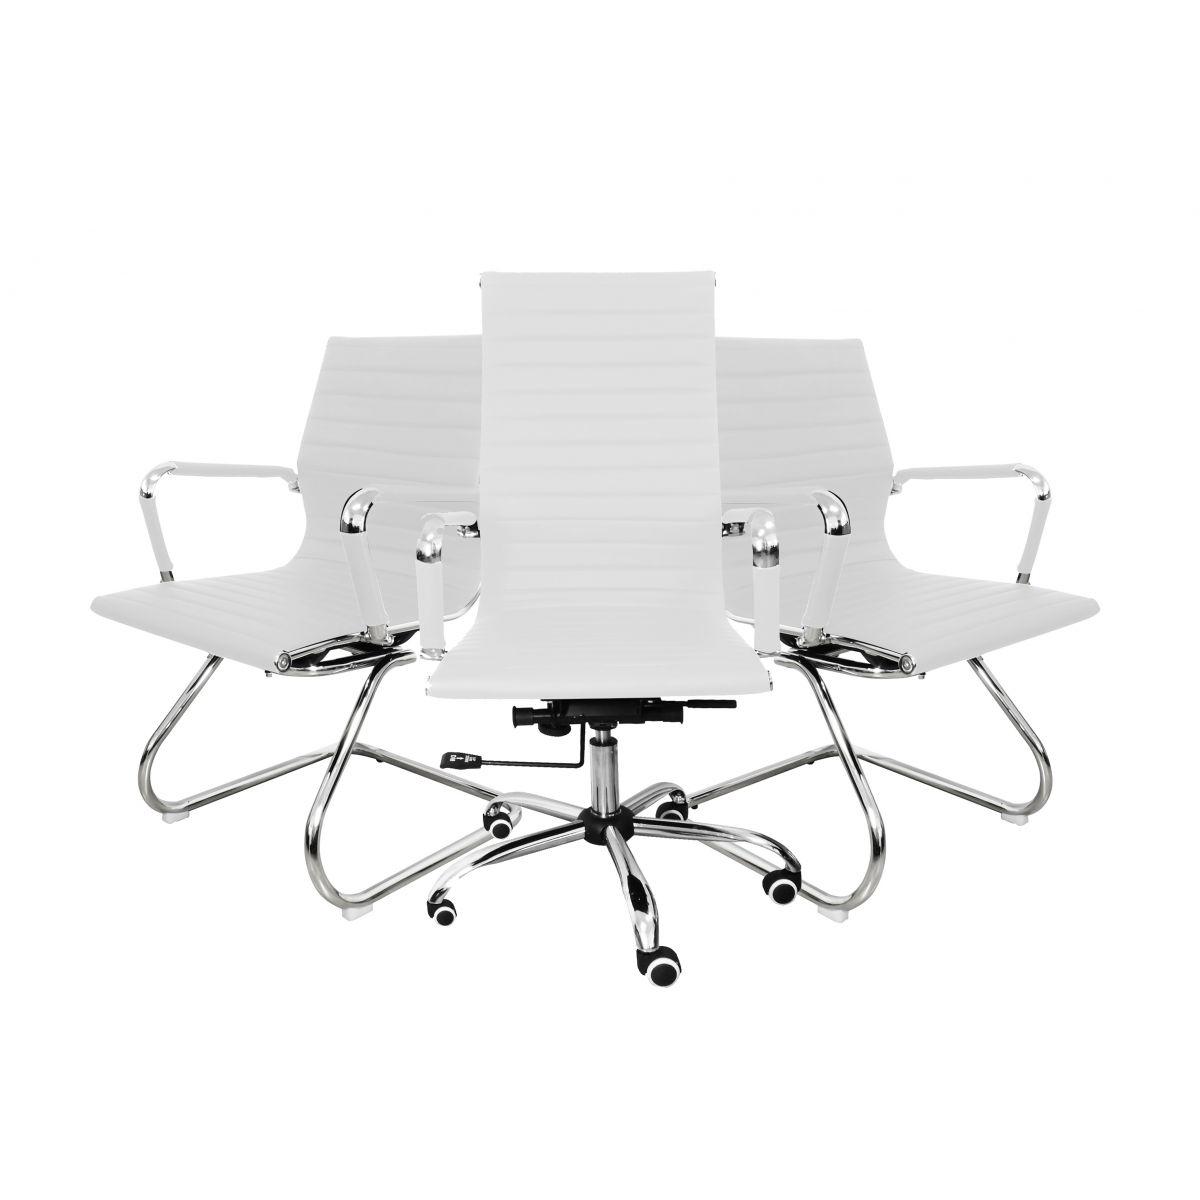 Cadeiras De Couro Escritorio Etna Novas Pictures to pin on Pinterest #555650 1200x1200